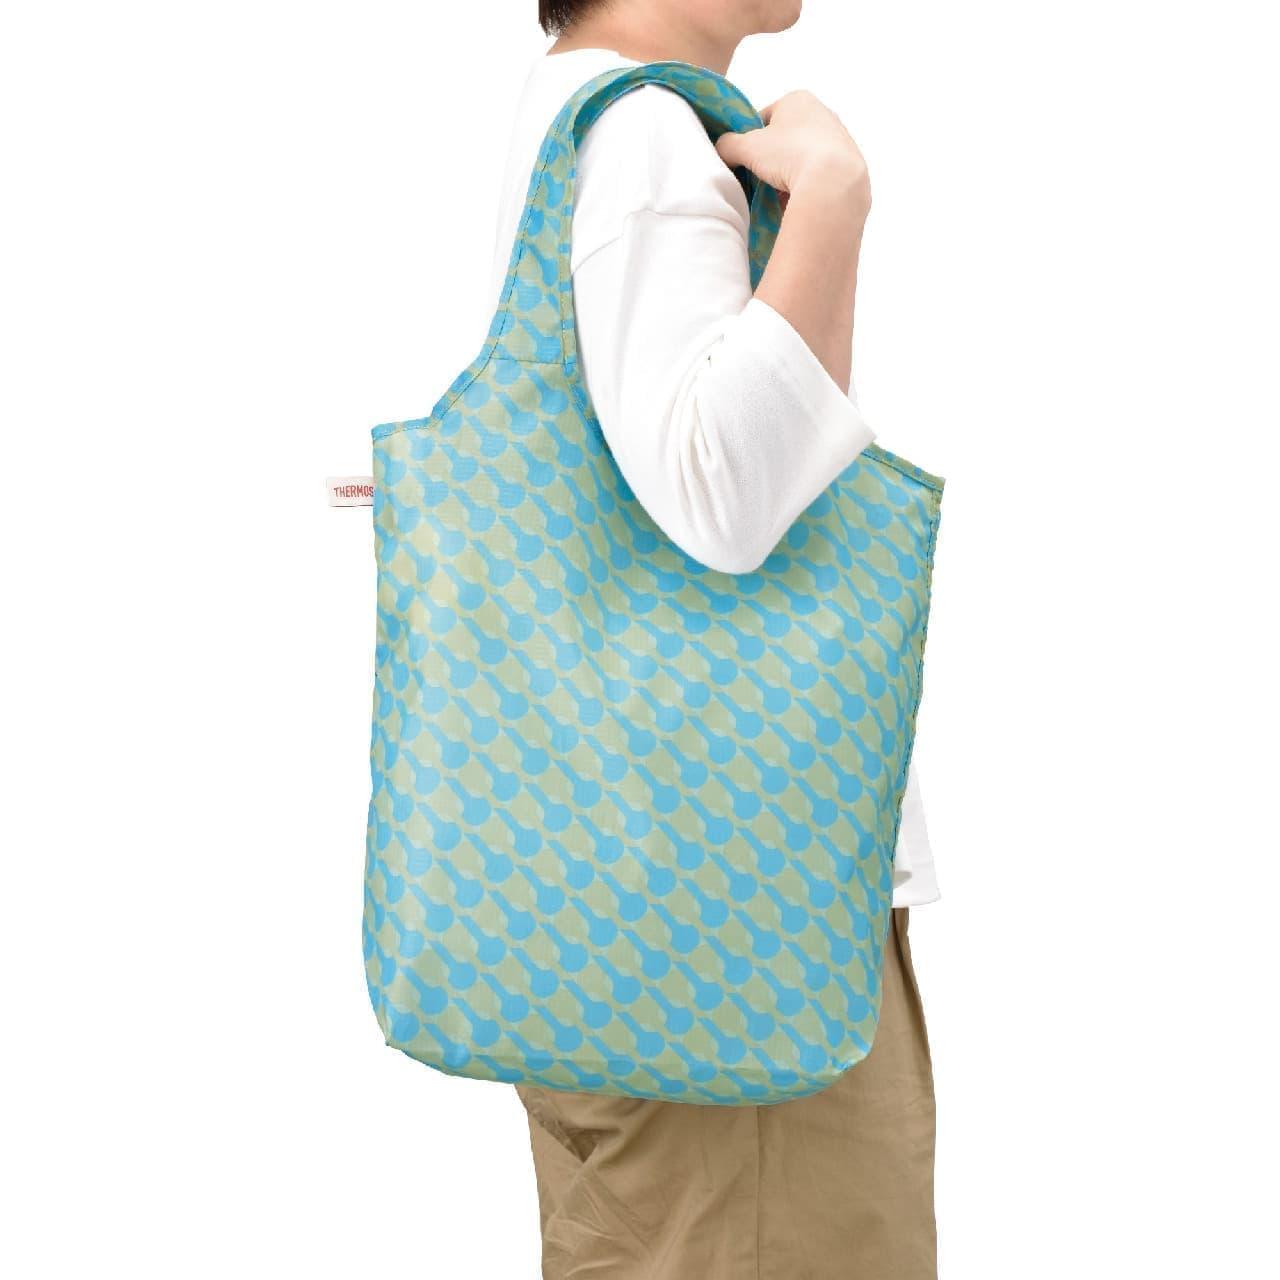 洗える丈夫なエコバッグ「サーモス ポケットバッグ」--超コンパクトに持ち運び、コンビニ弁当にも